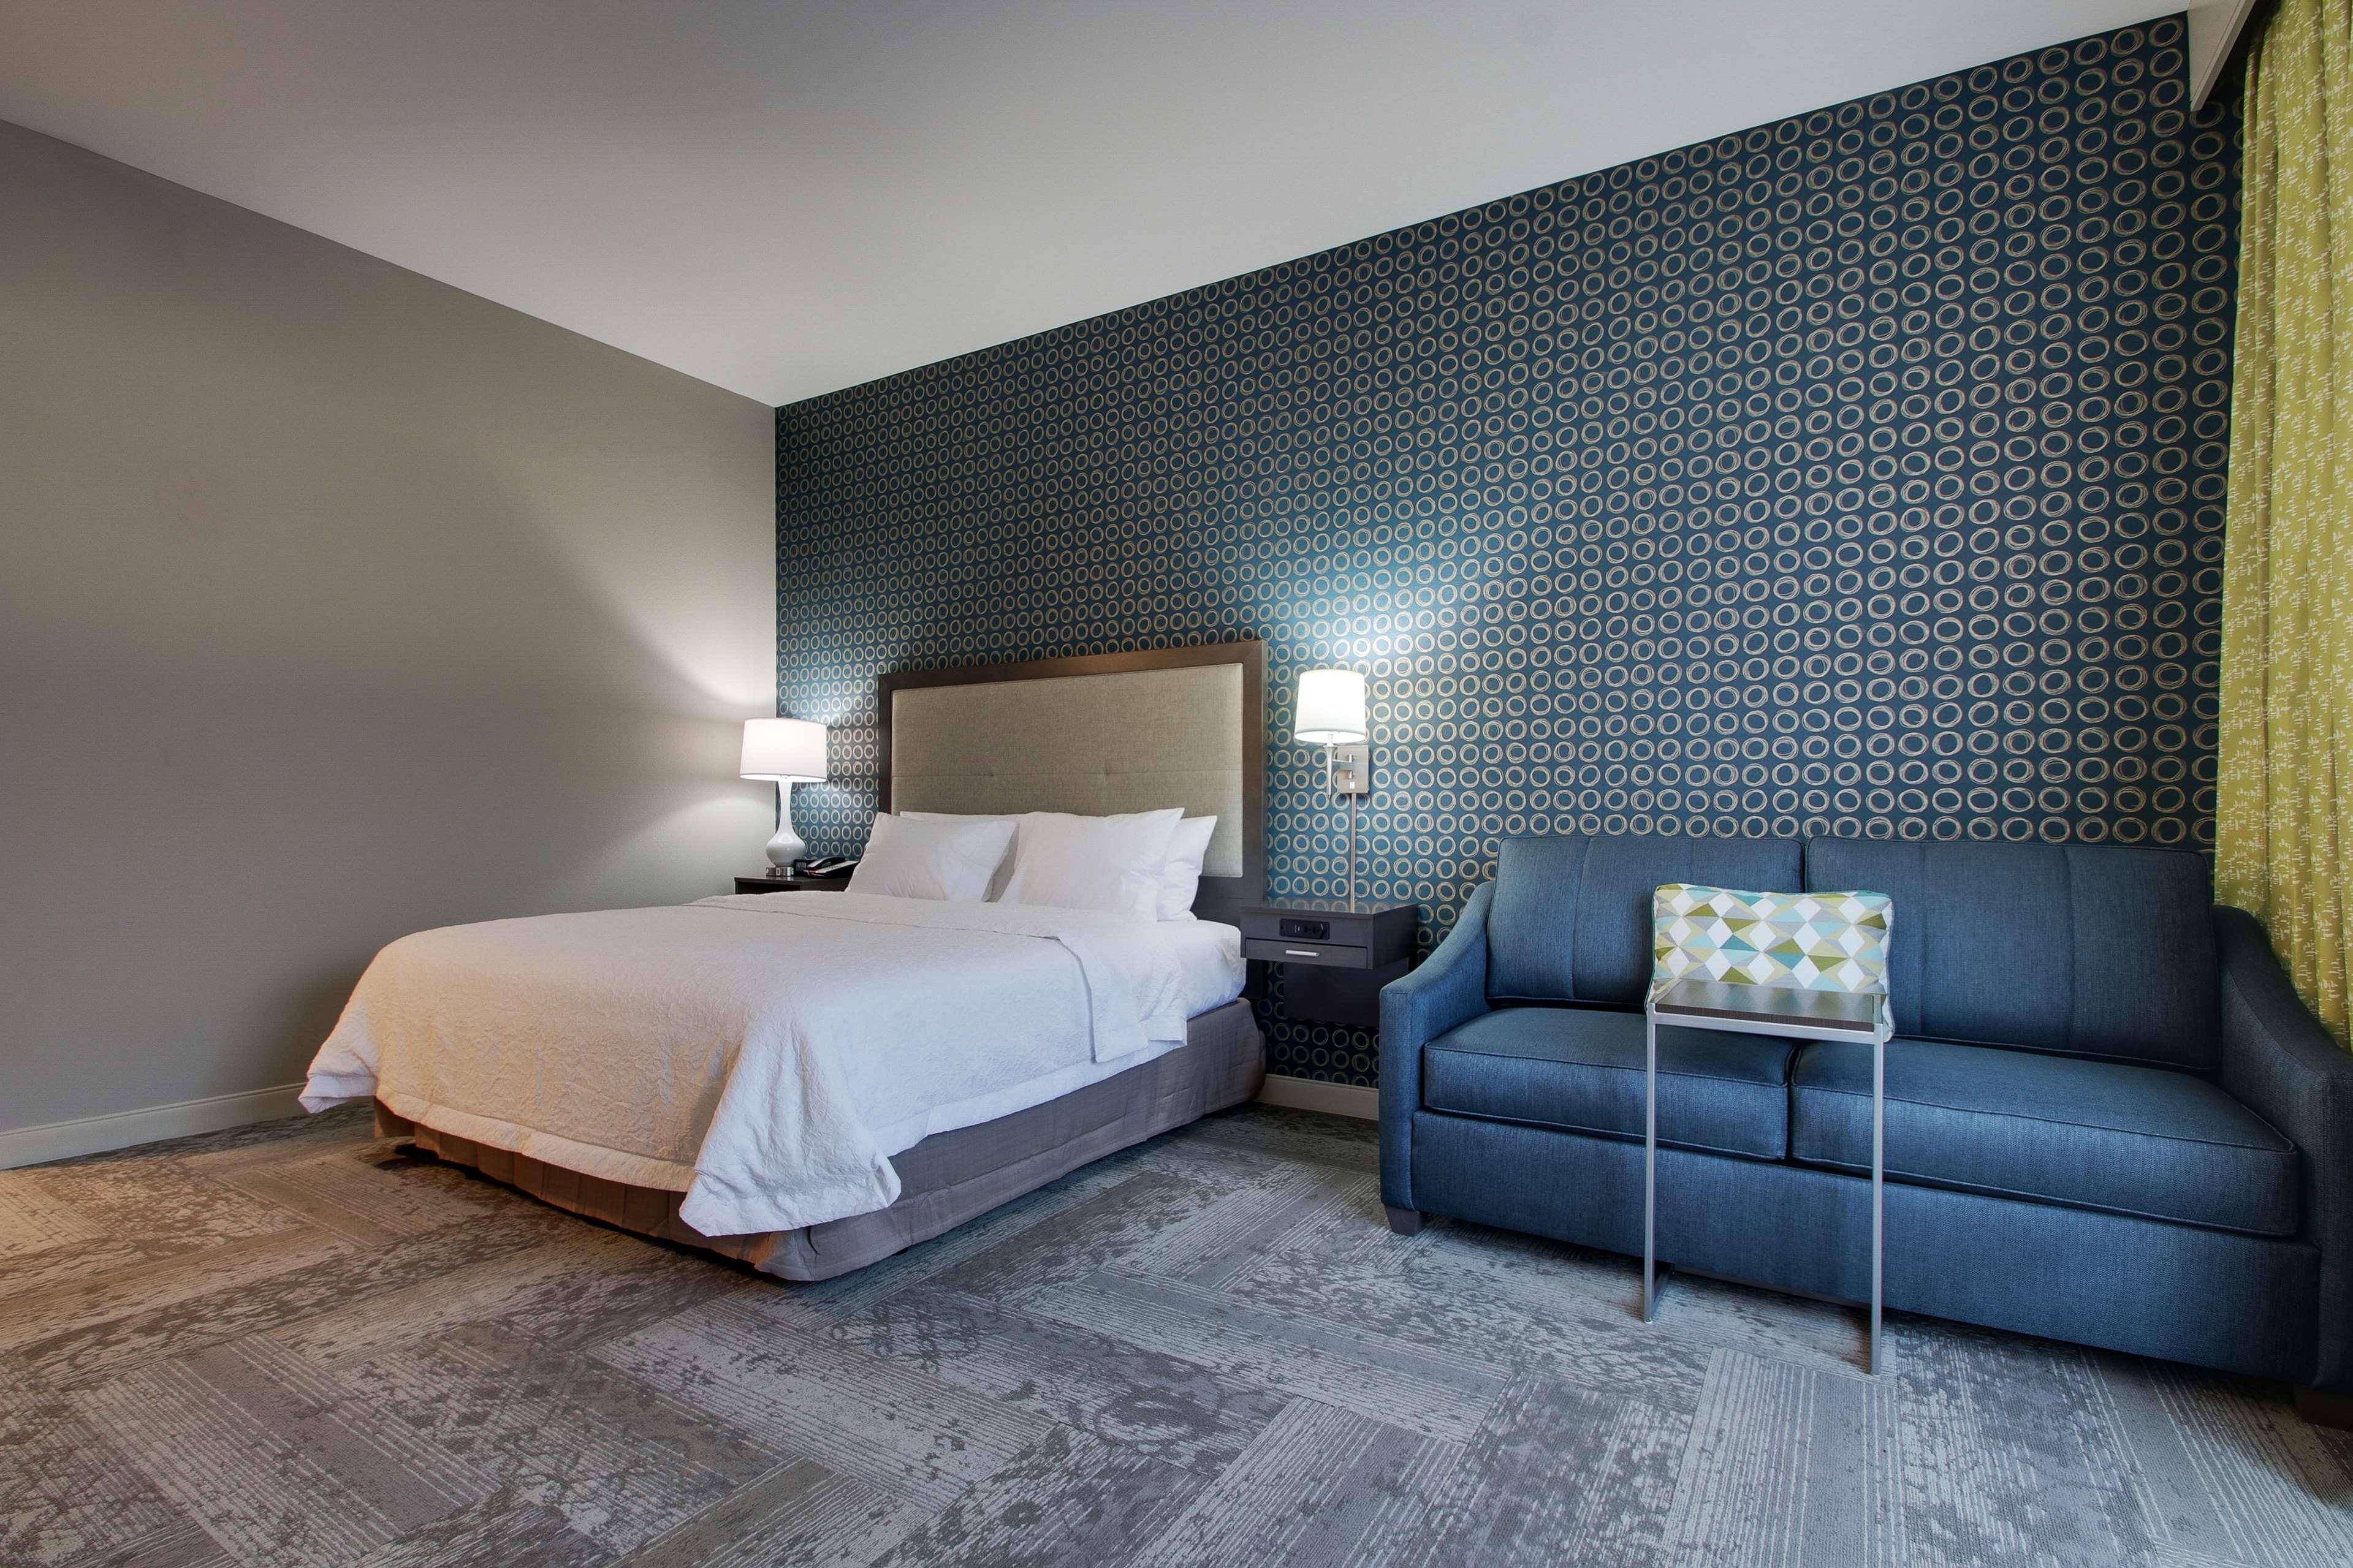 Hampton Inn & Suites Knightdale Raleigh image 29